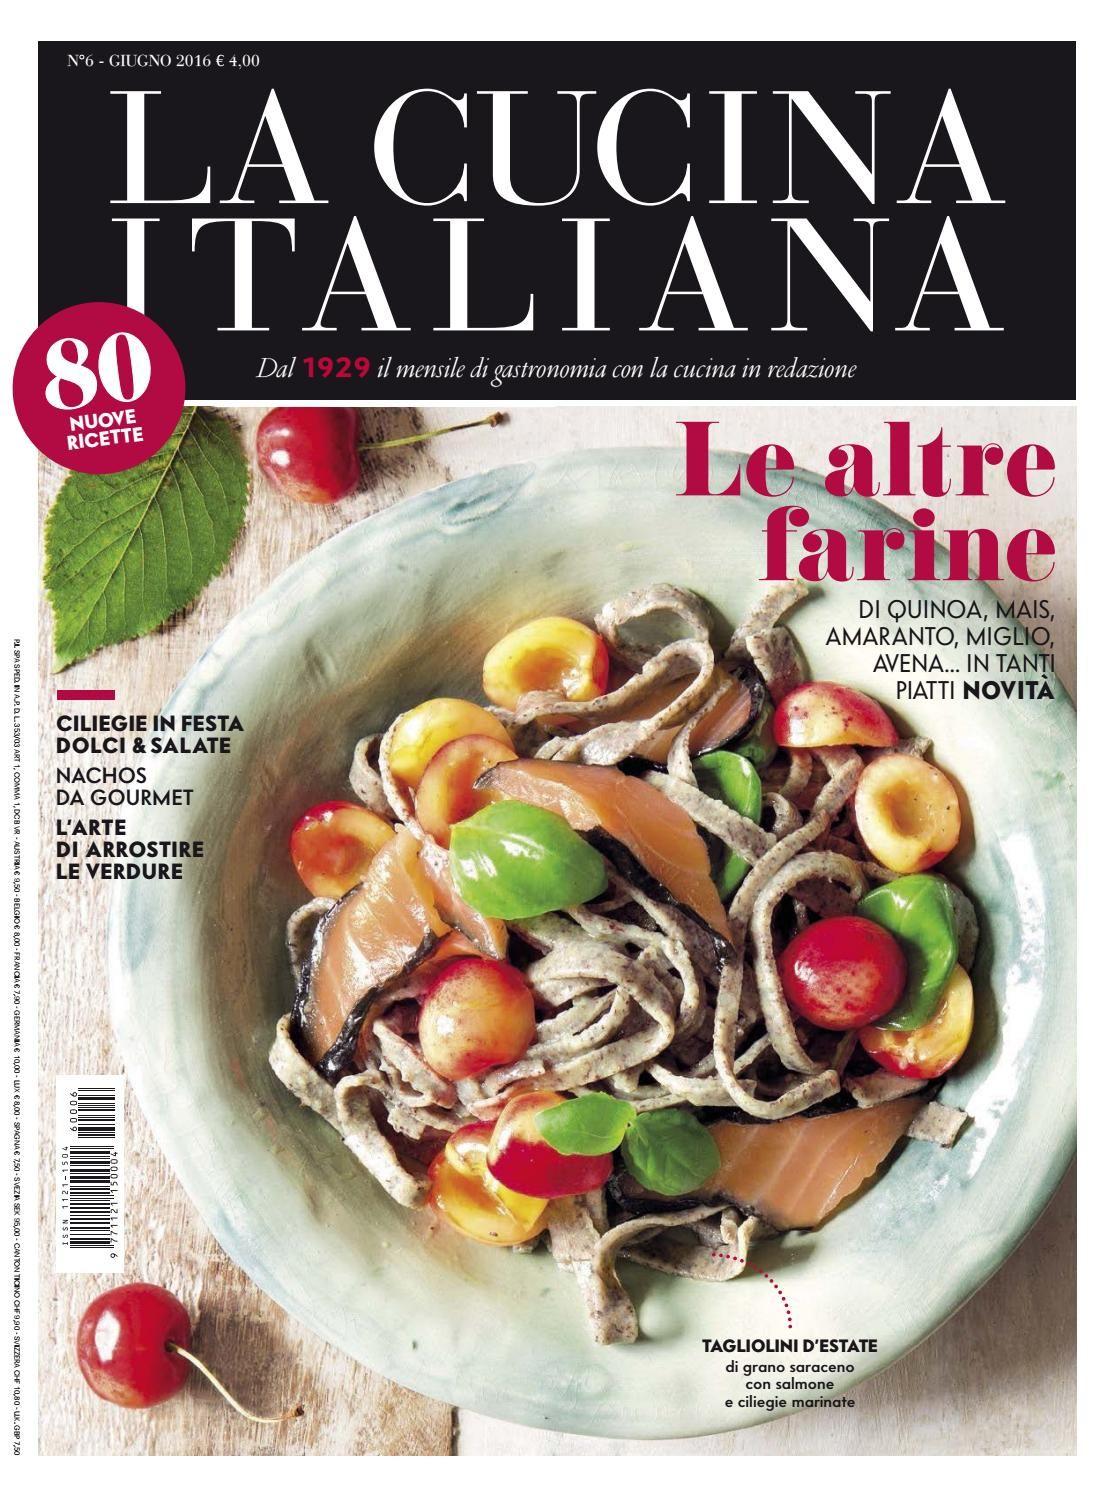 La cucina italiana giugno 2016 ma giornali pinterest for Cucina italiana